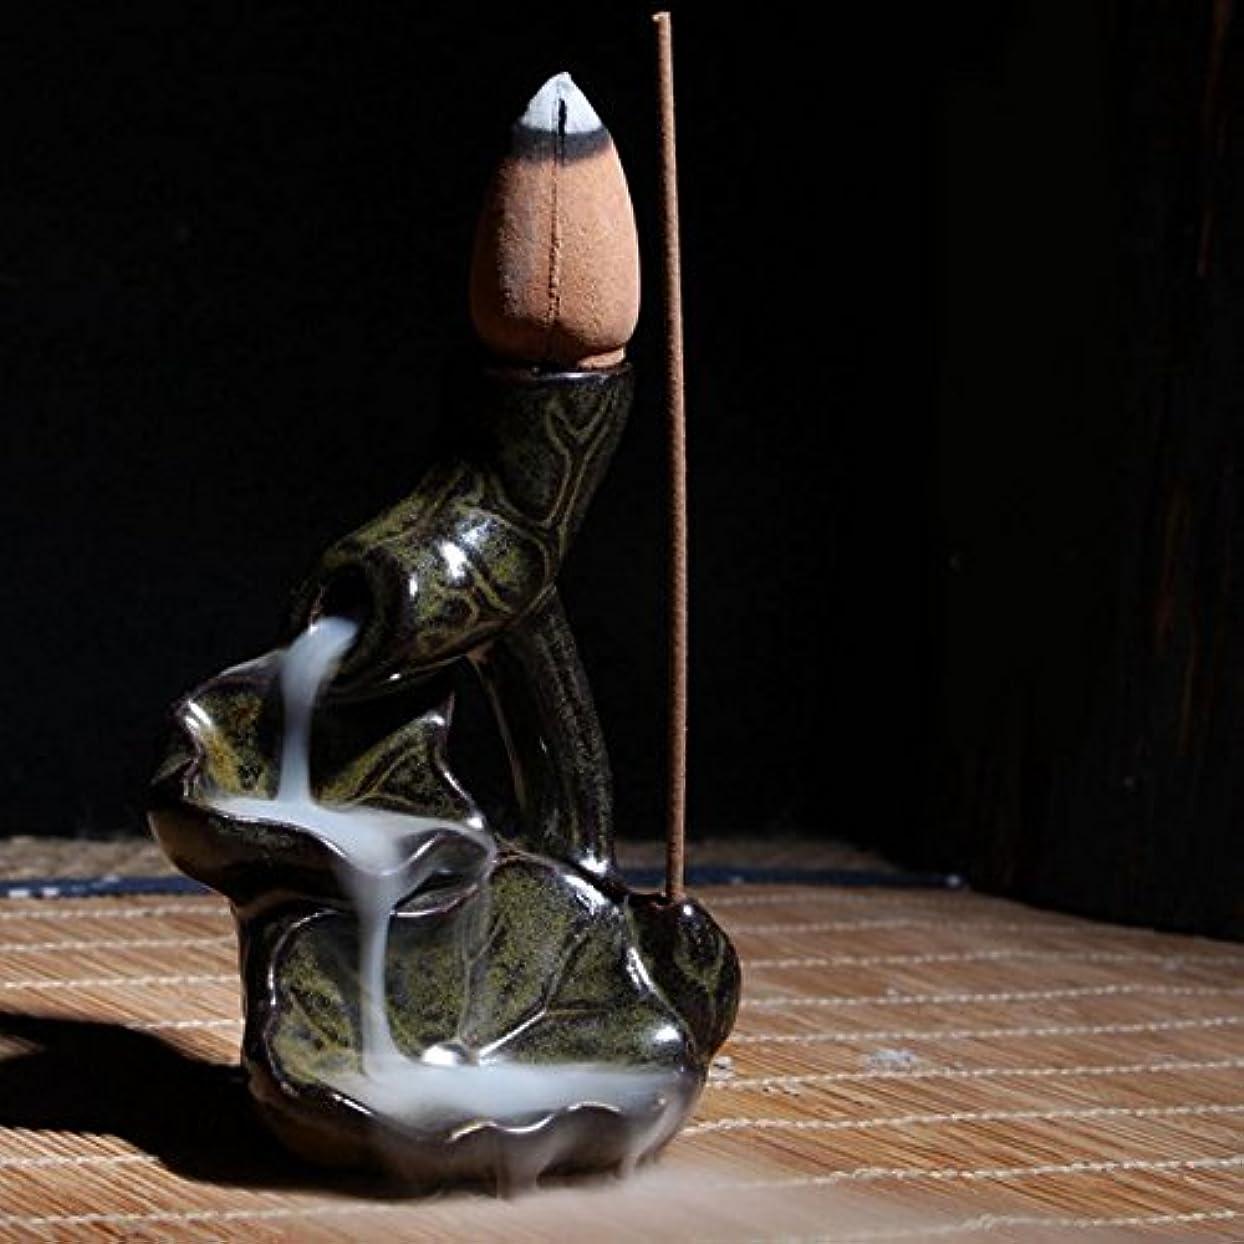 到着コア高い香炉ホルダー – 1 Piece Water LilyセラミックGlaze逆流香炉ホルダーコーン香立てホーム